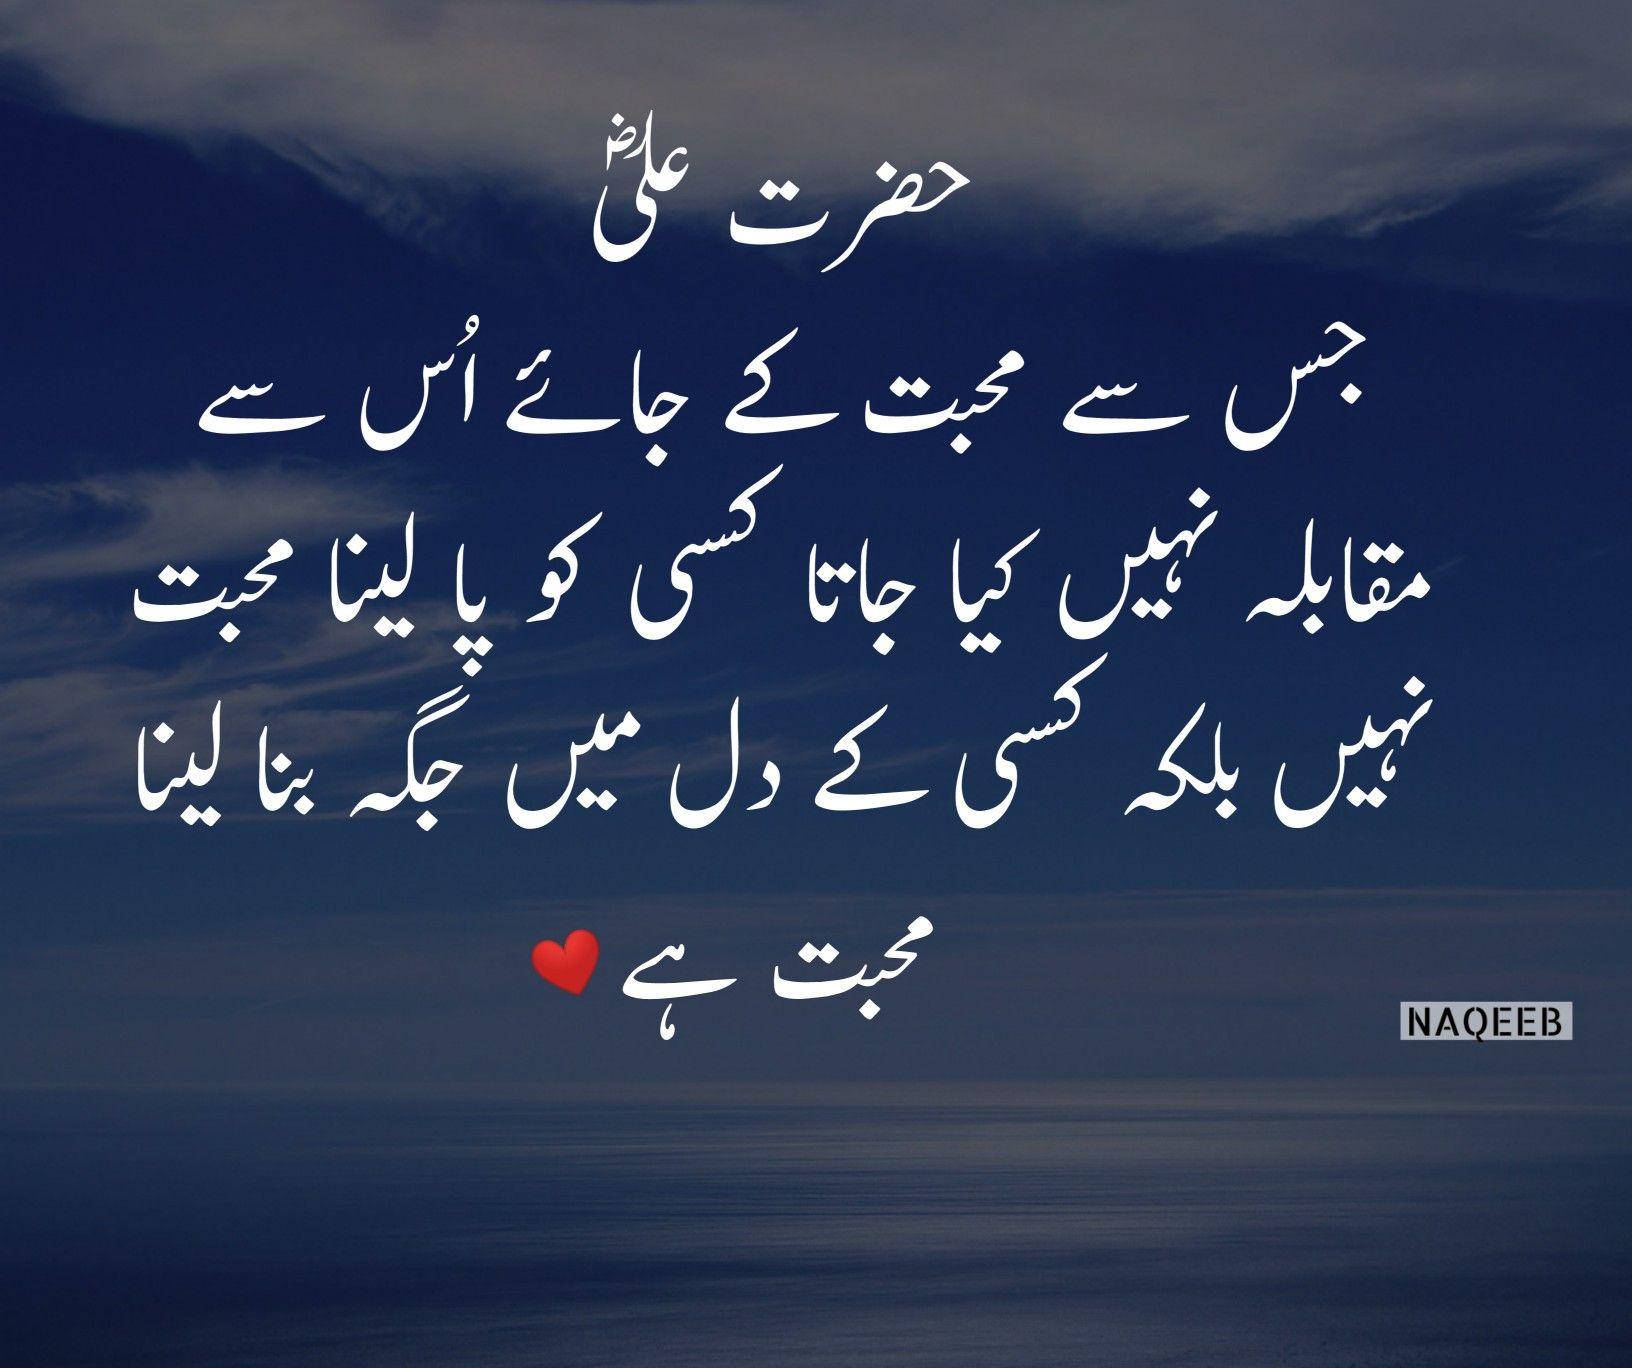 Hazrat Ali Famous Quotes In Urdu: Islamic Urdu Quotes Hazrat Ali R.A Quote